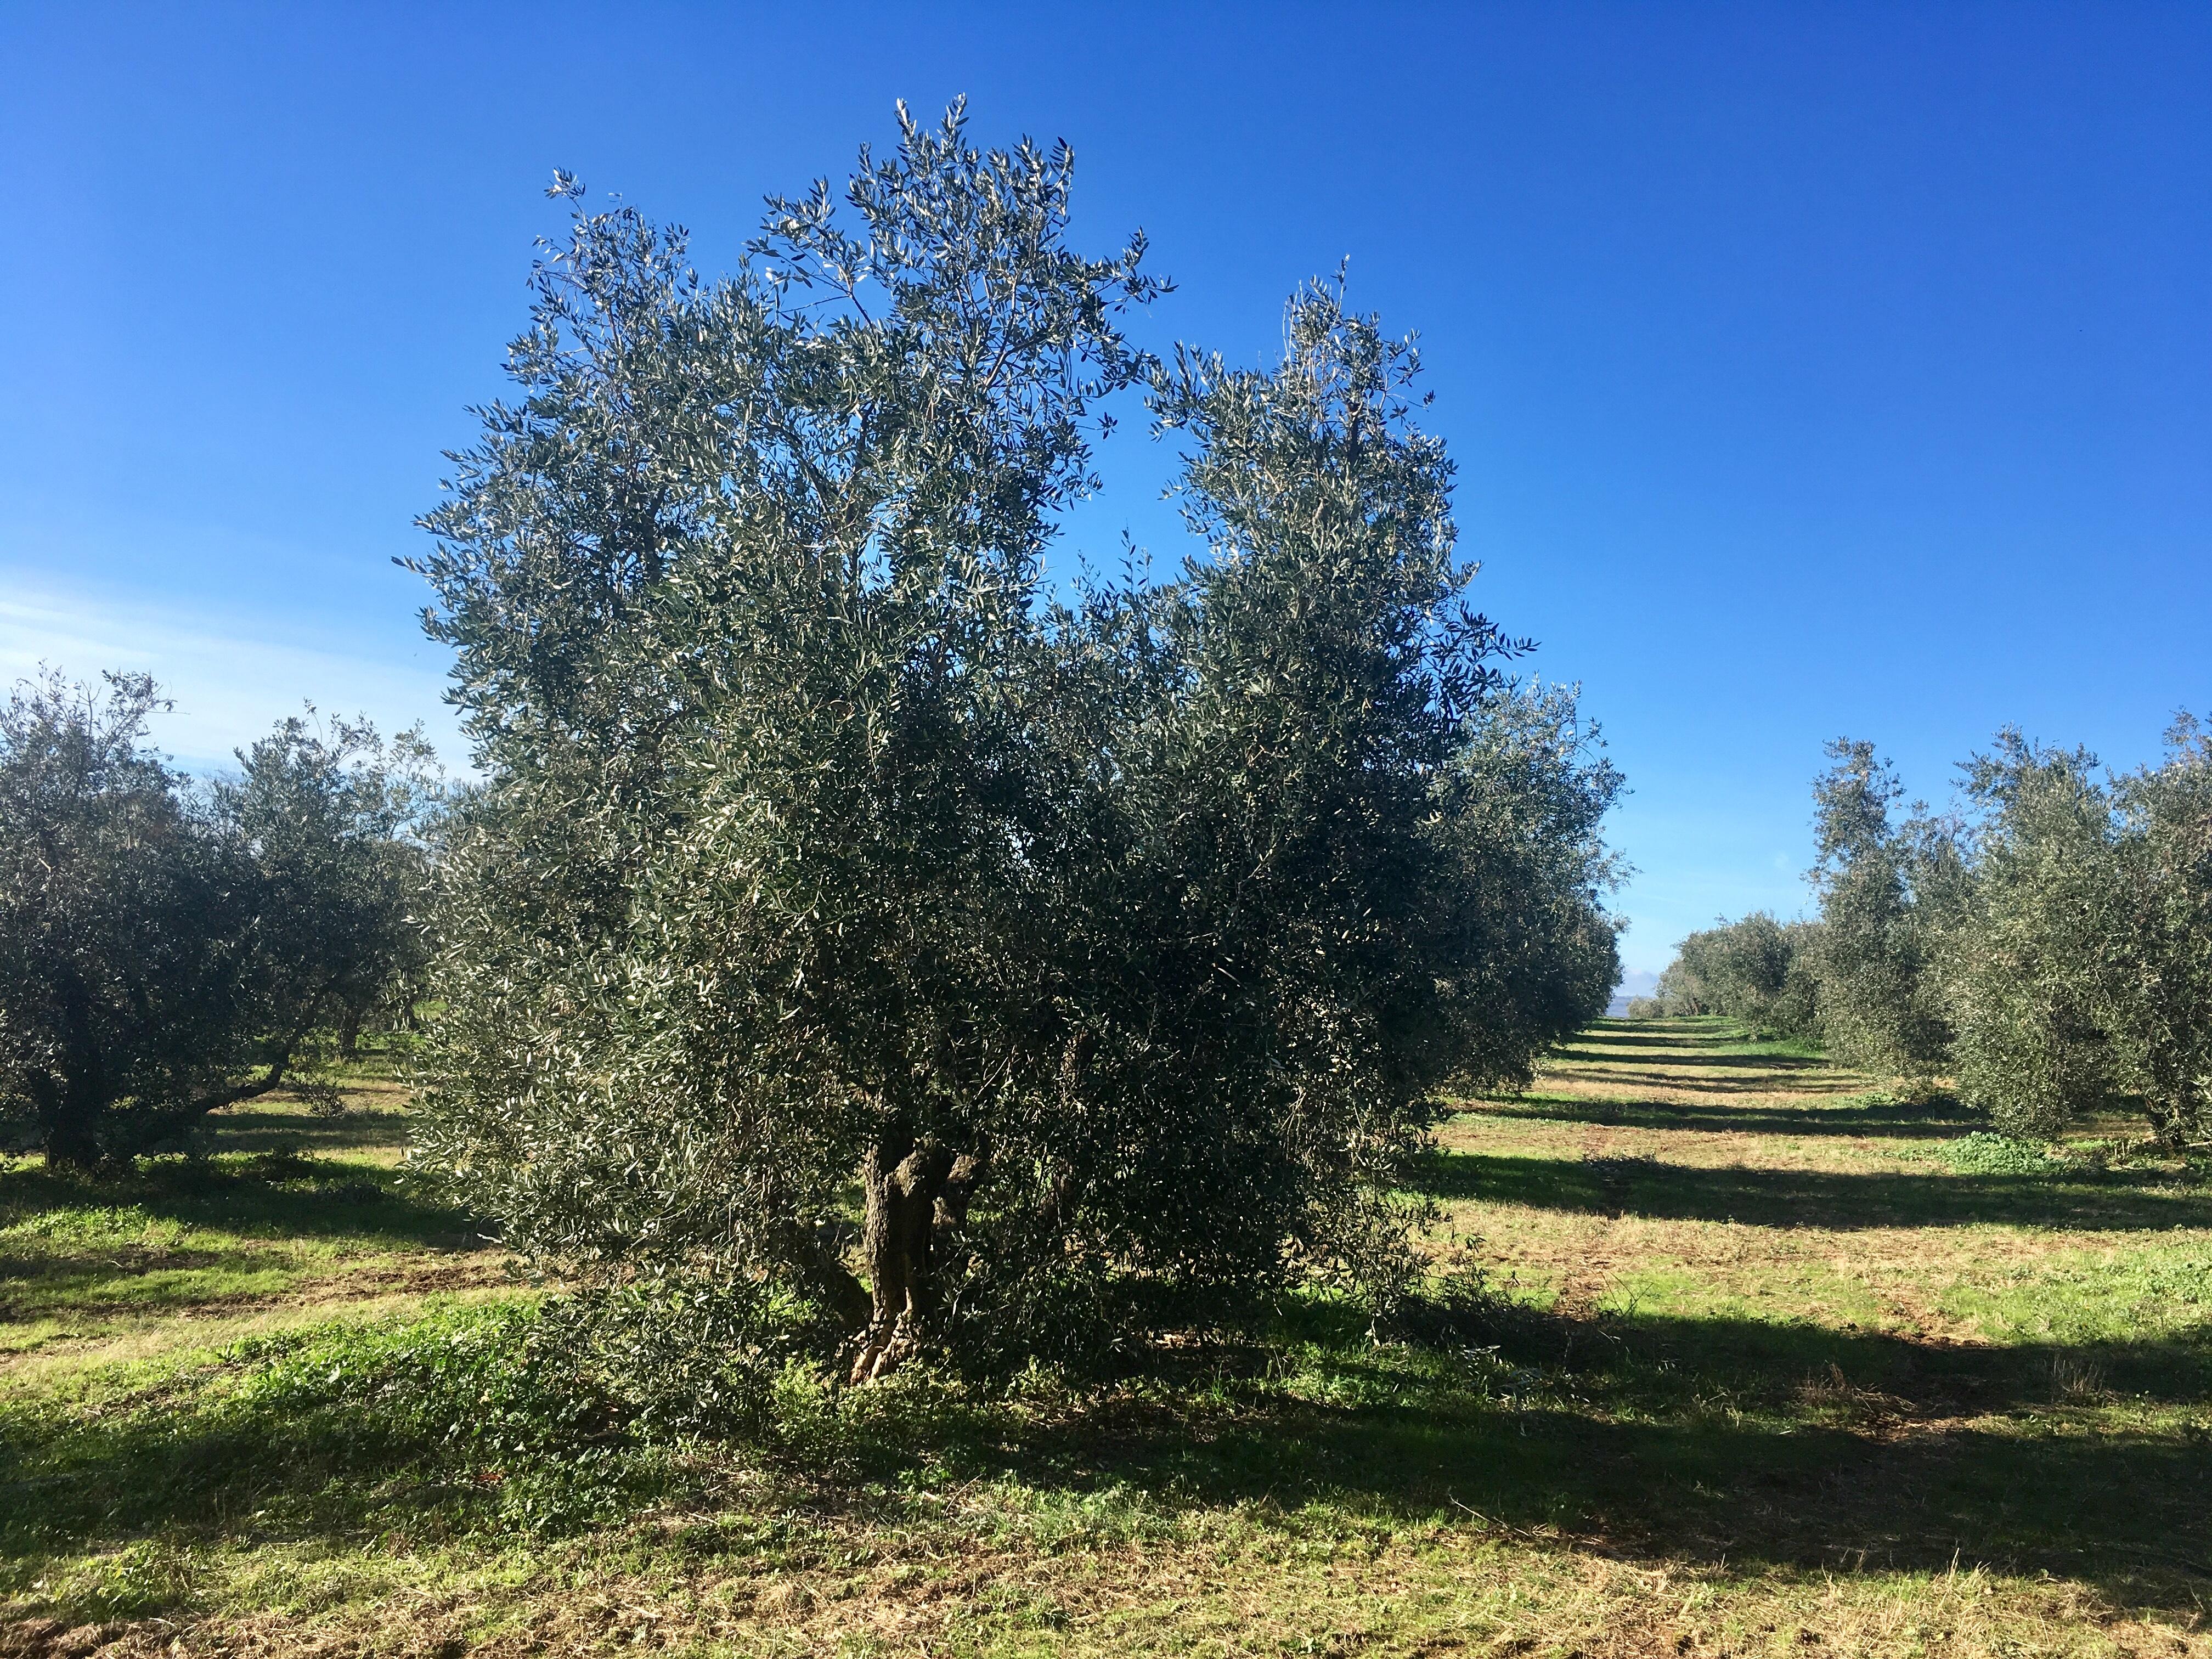 Adottato da Paolo Corizzoni, l'albero si chiama OLLIE